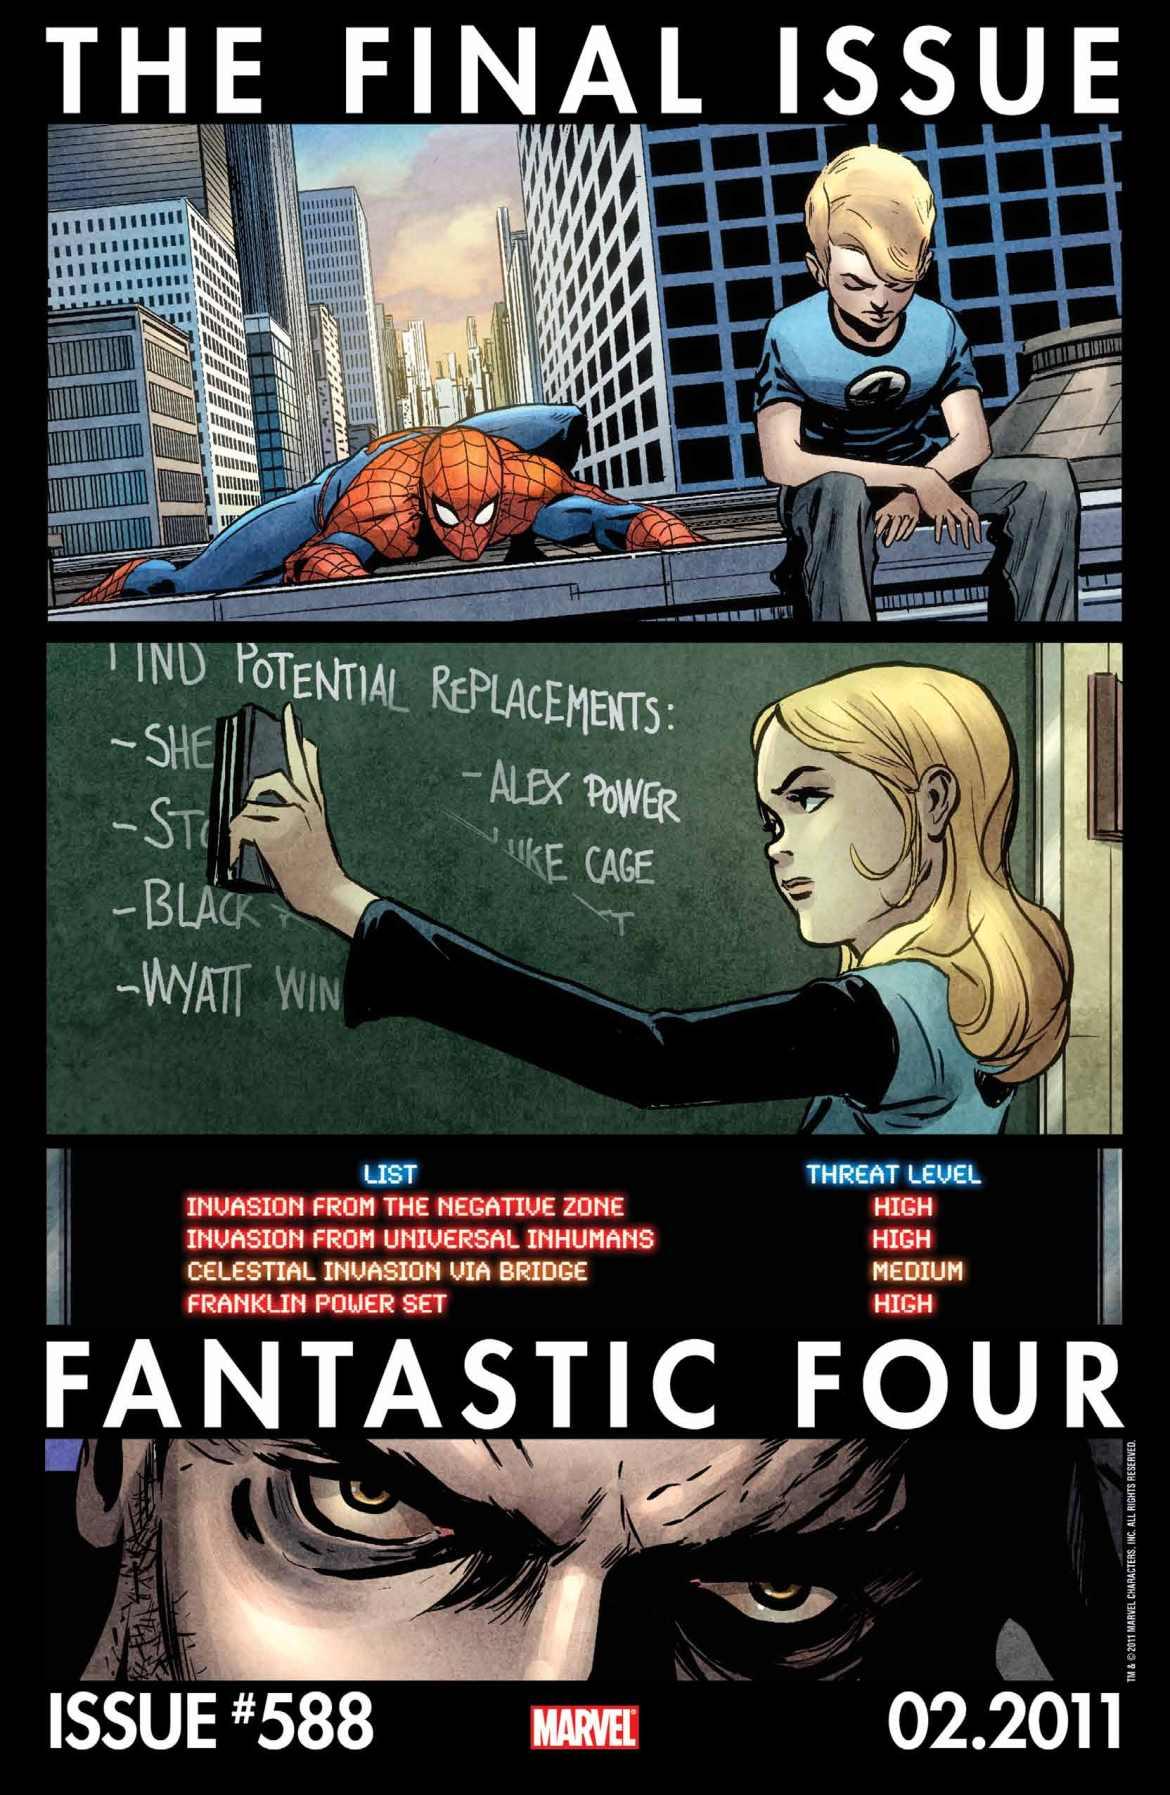 FF588_Teaser FANTASTIC FOUR #588: Final Issue TEASER